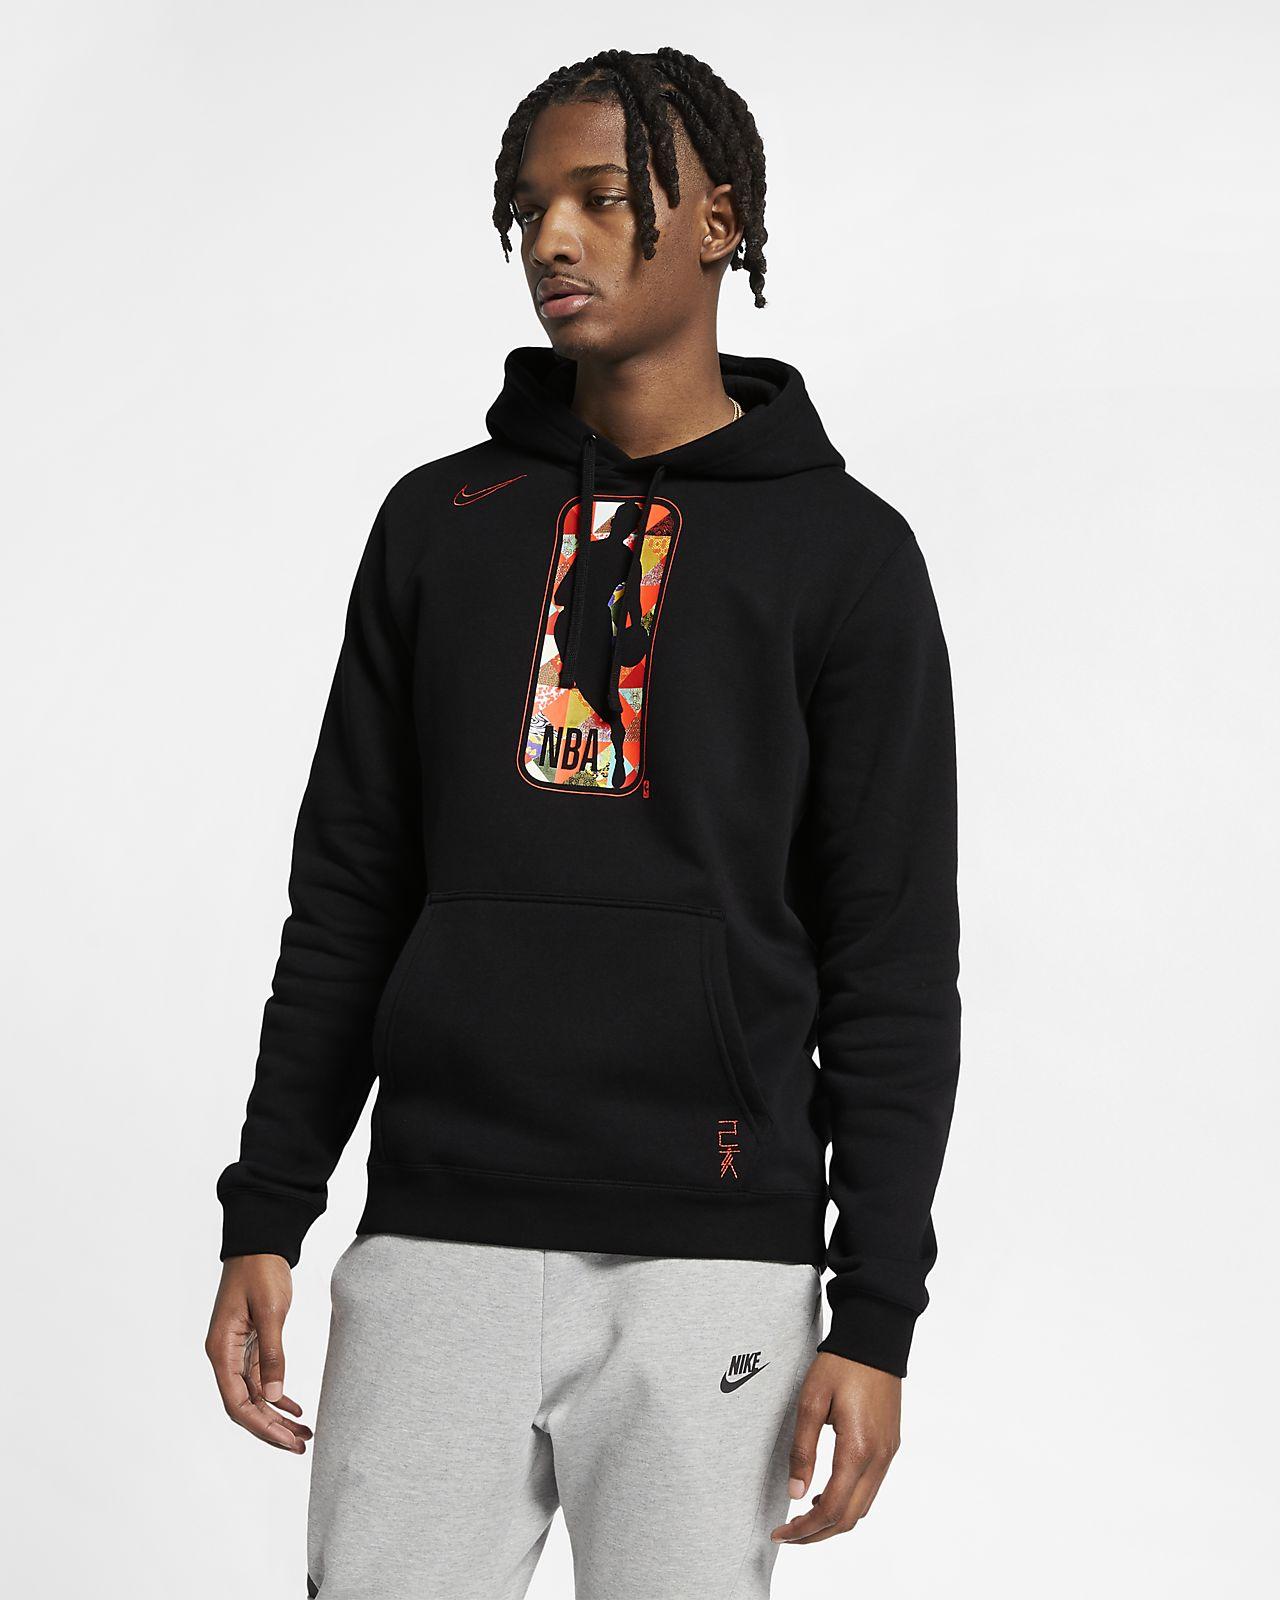 Nike CNY Sudadera con capucha de la NBA - Hombre